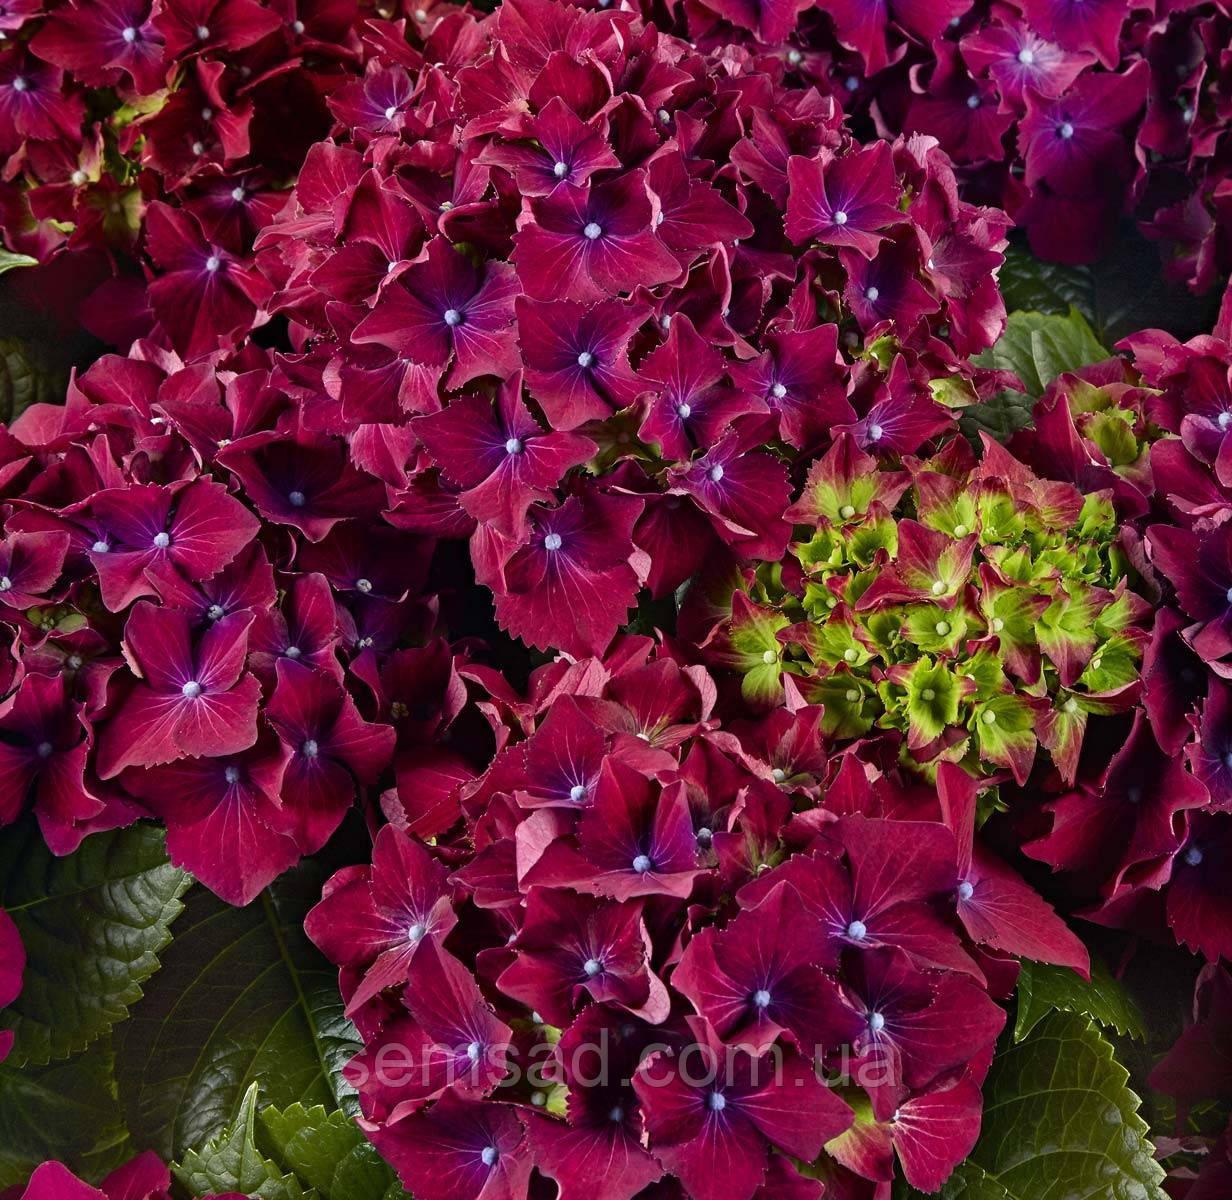 """Гортензия крупнолистная"""" Ред Бьюти Лила"""" \ Hydrangea macrophylla Red Beauty Lila ( саженцы) 2 года"""